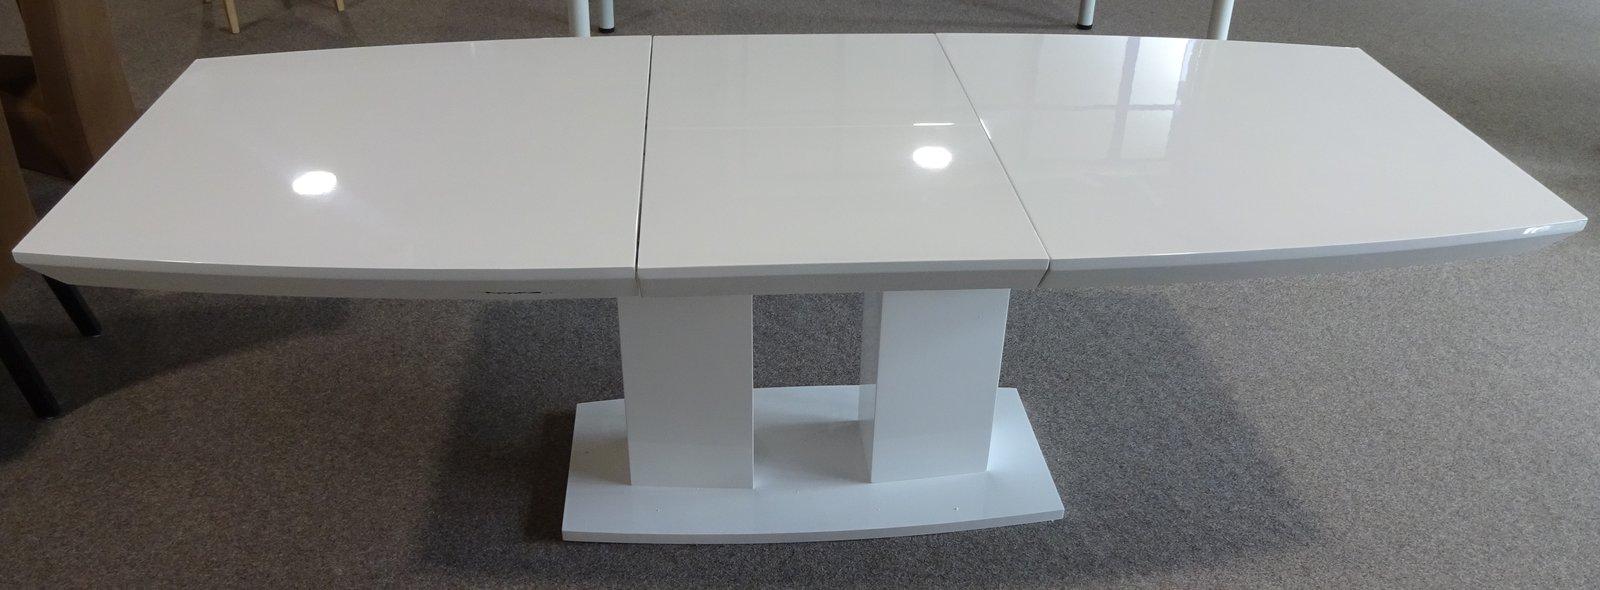 esstisch s ulentisch ausziehbar 180 cm in wei hochglanz. Black Bedroom Furniture Sets. Home Design Ideas